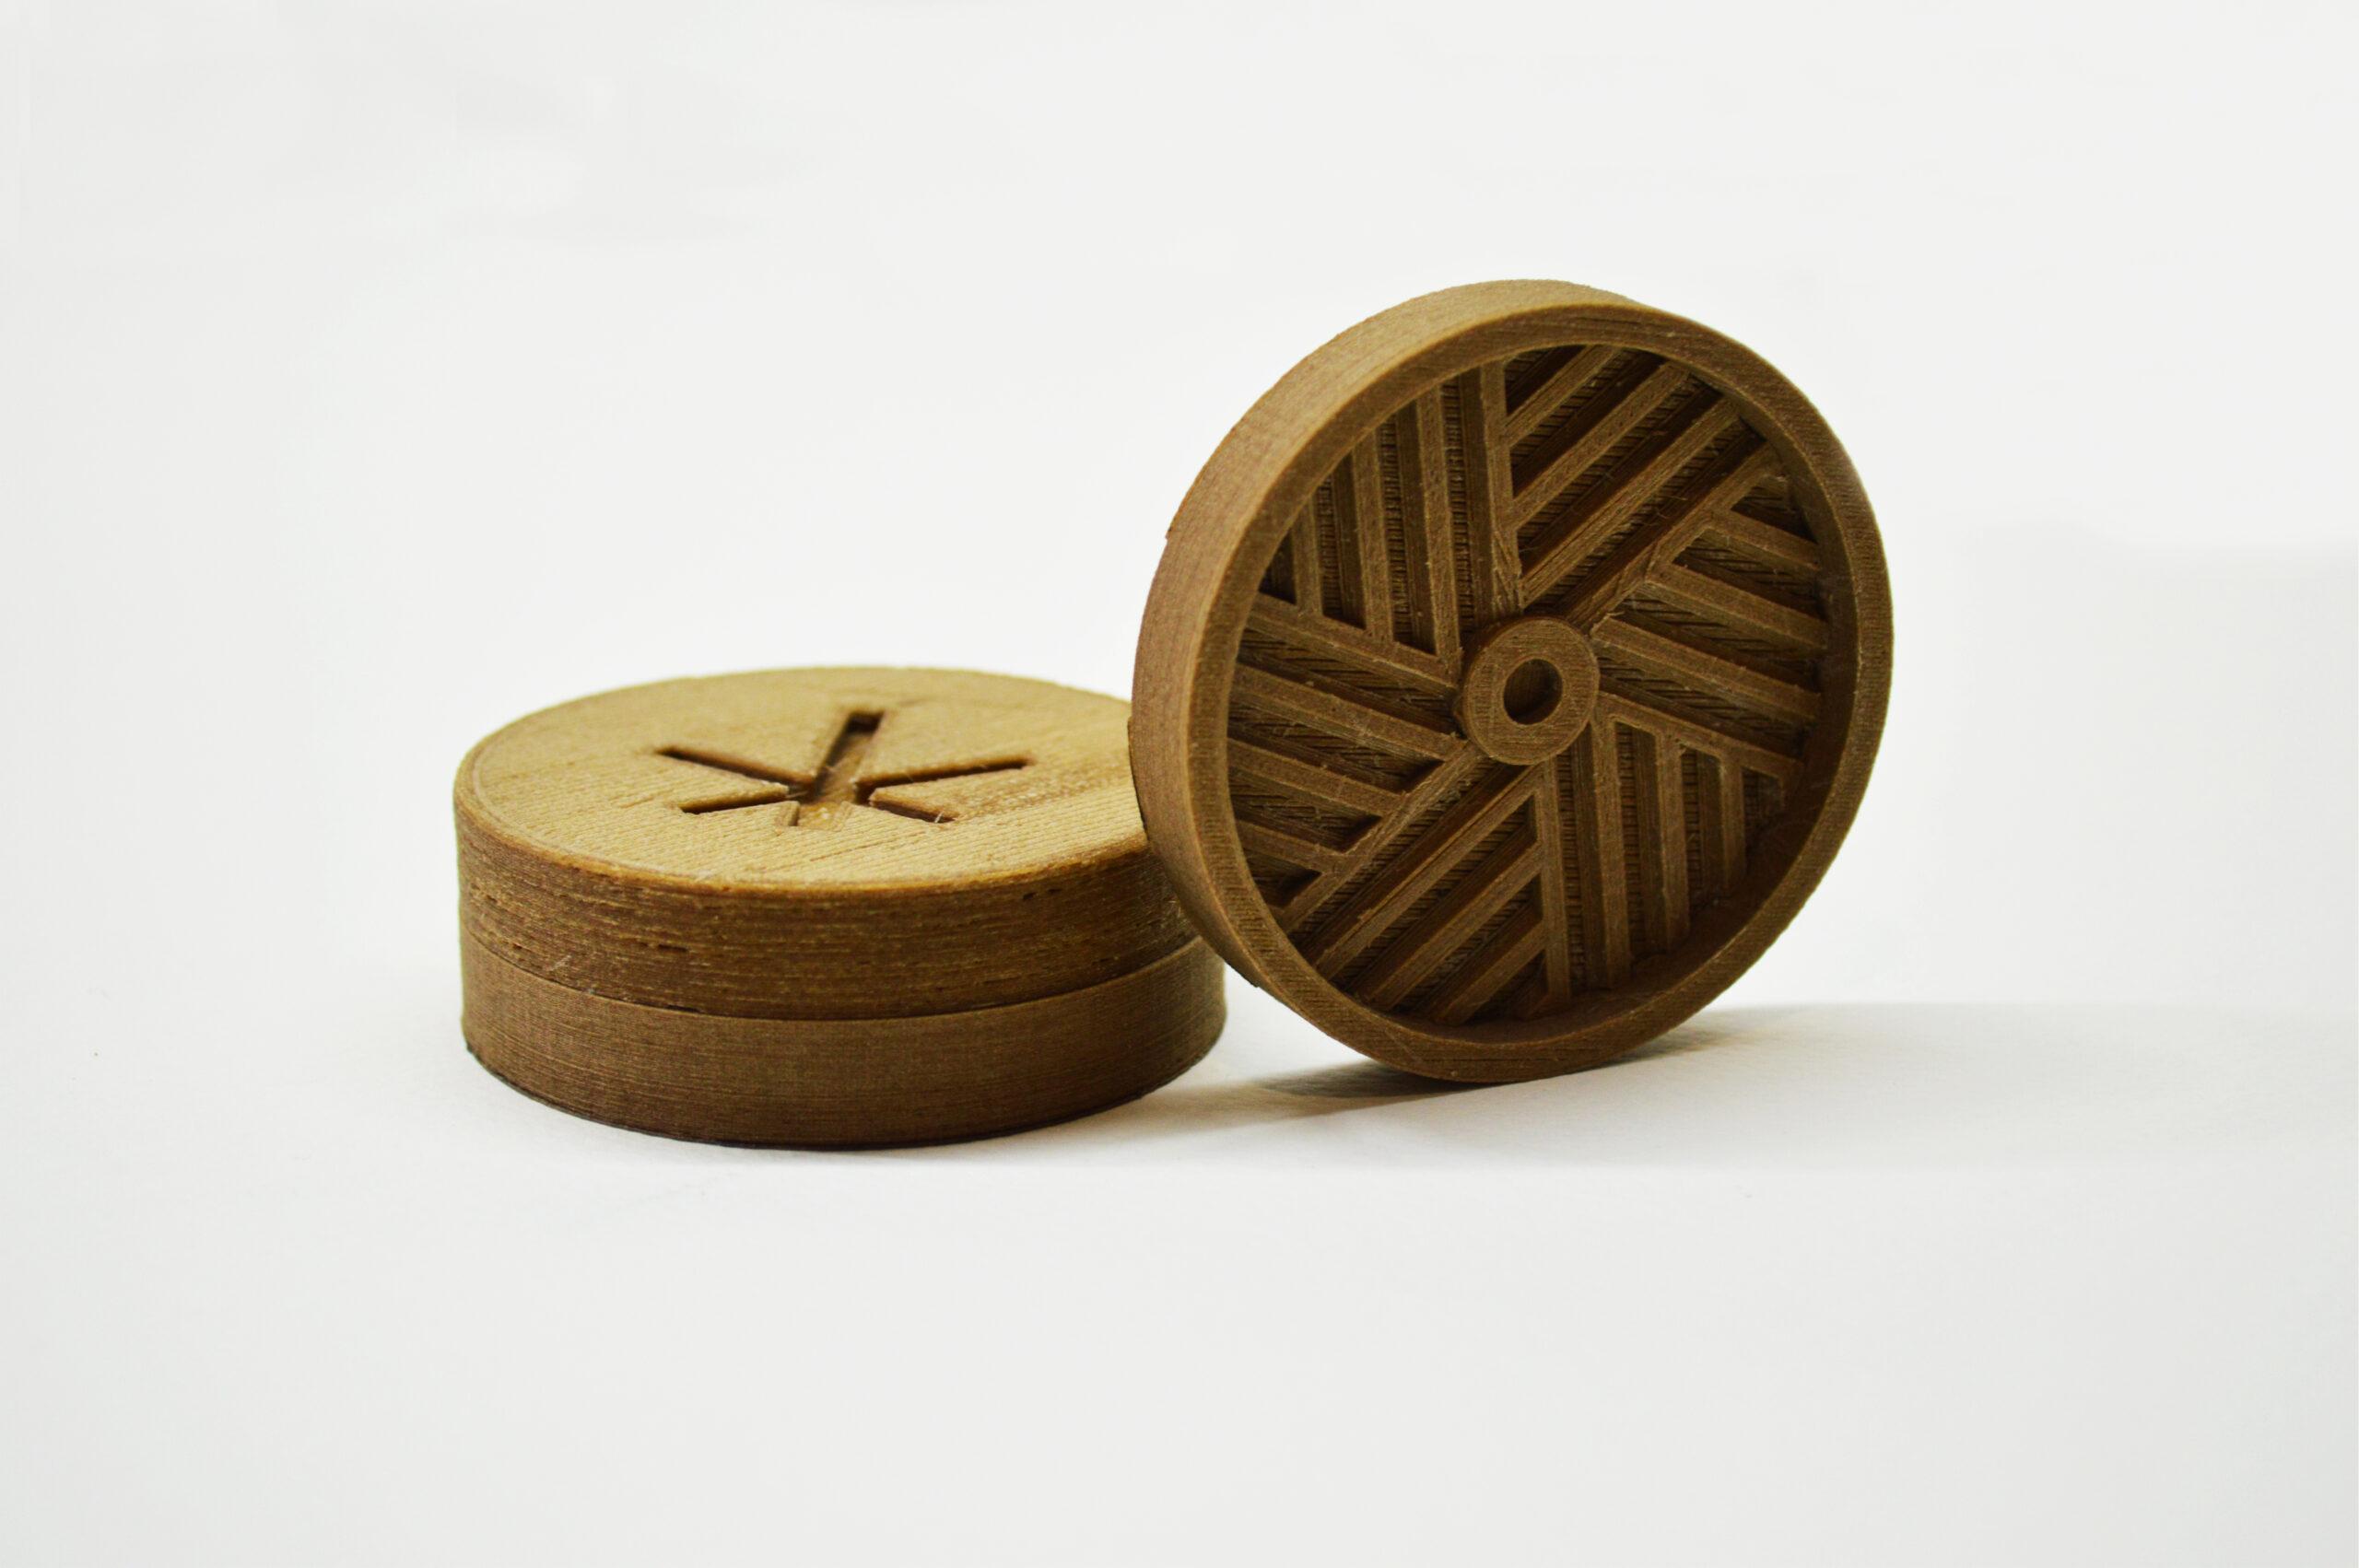 Hemprinted-hemp-grinder-top-pattern-3d-printed-weed-smoke-smoking-accessories